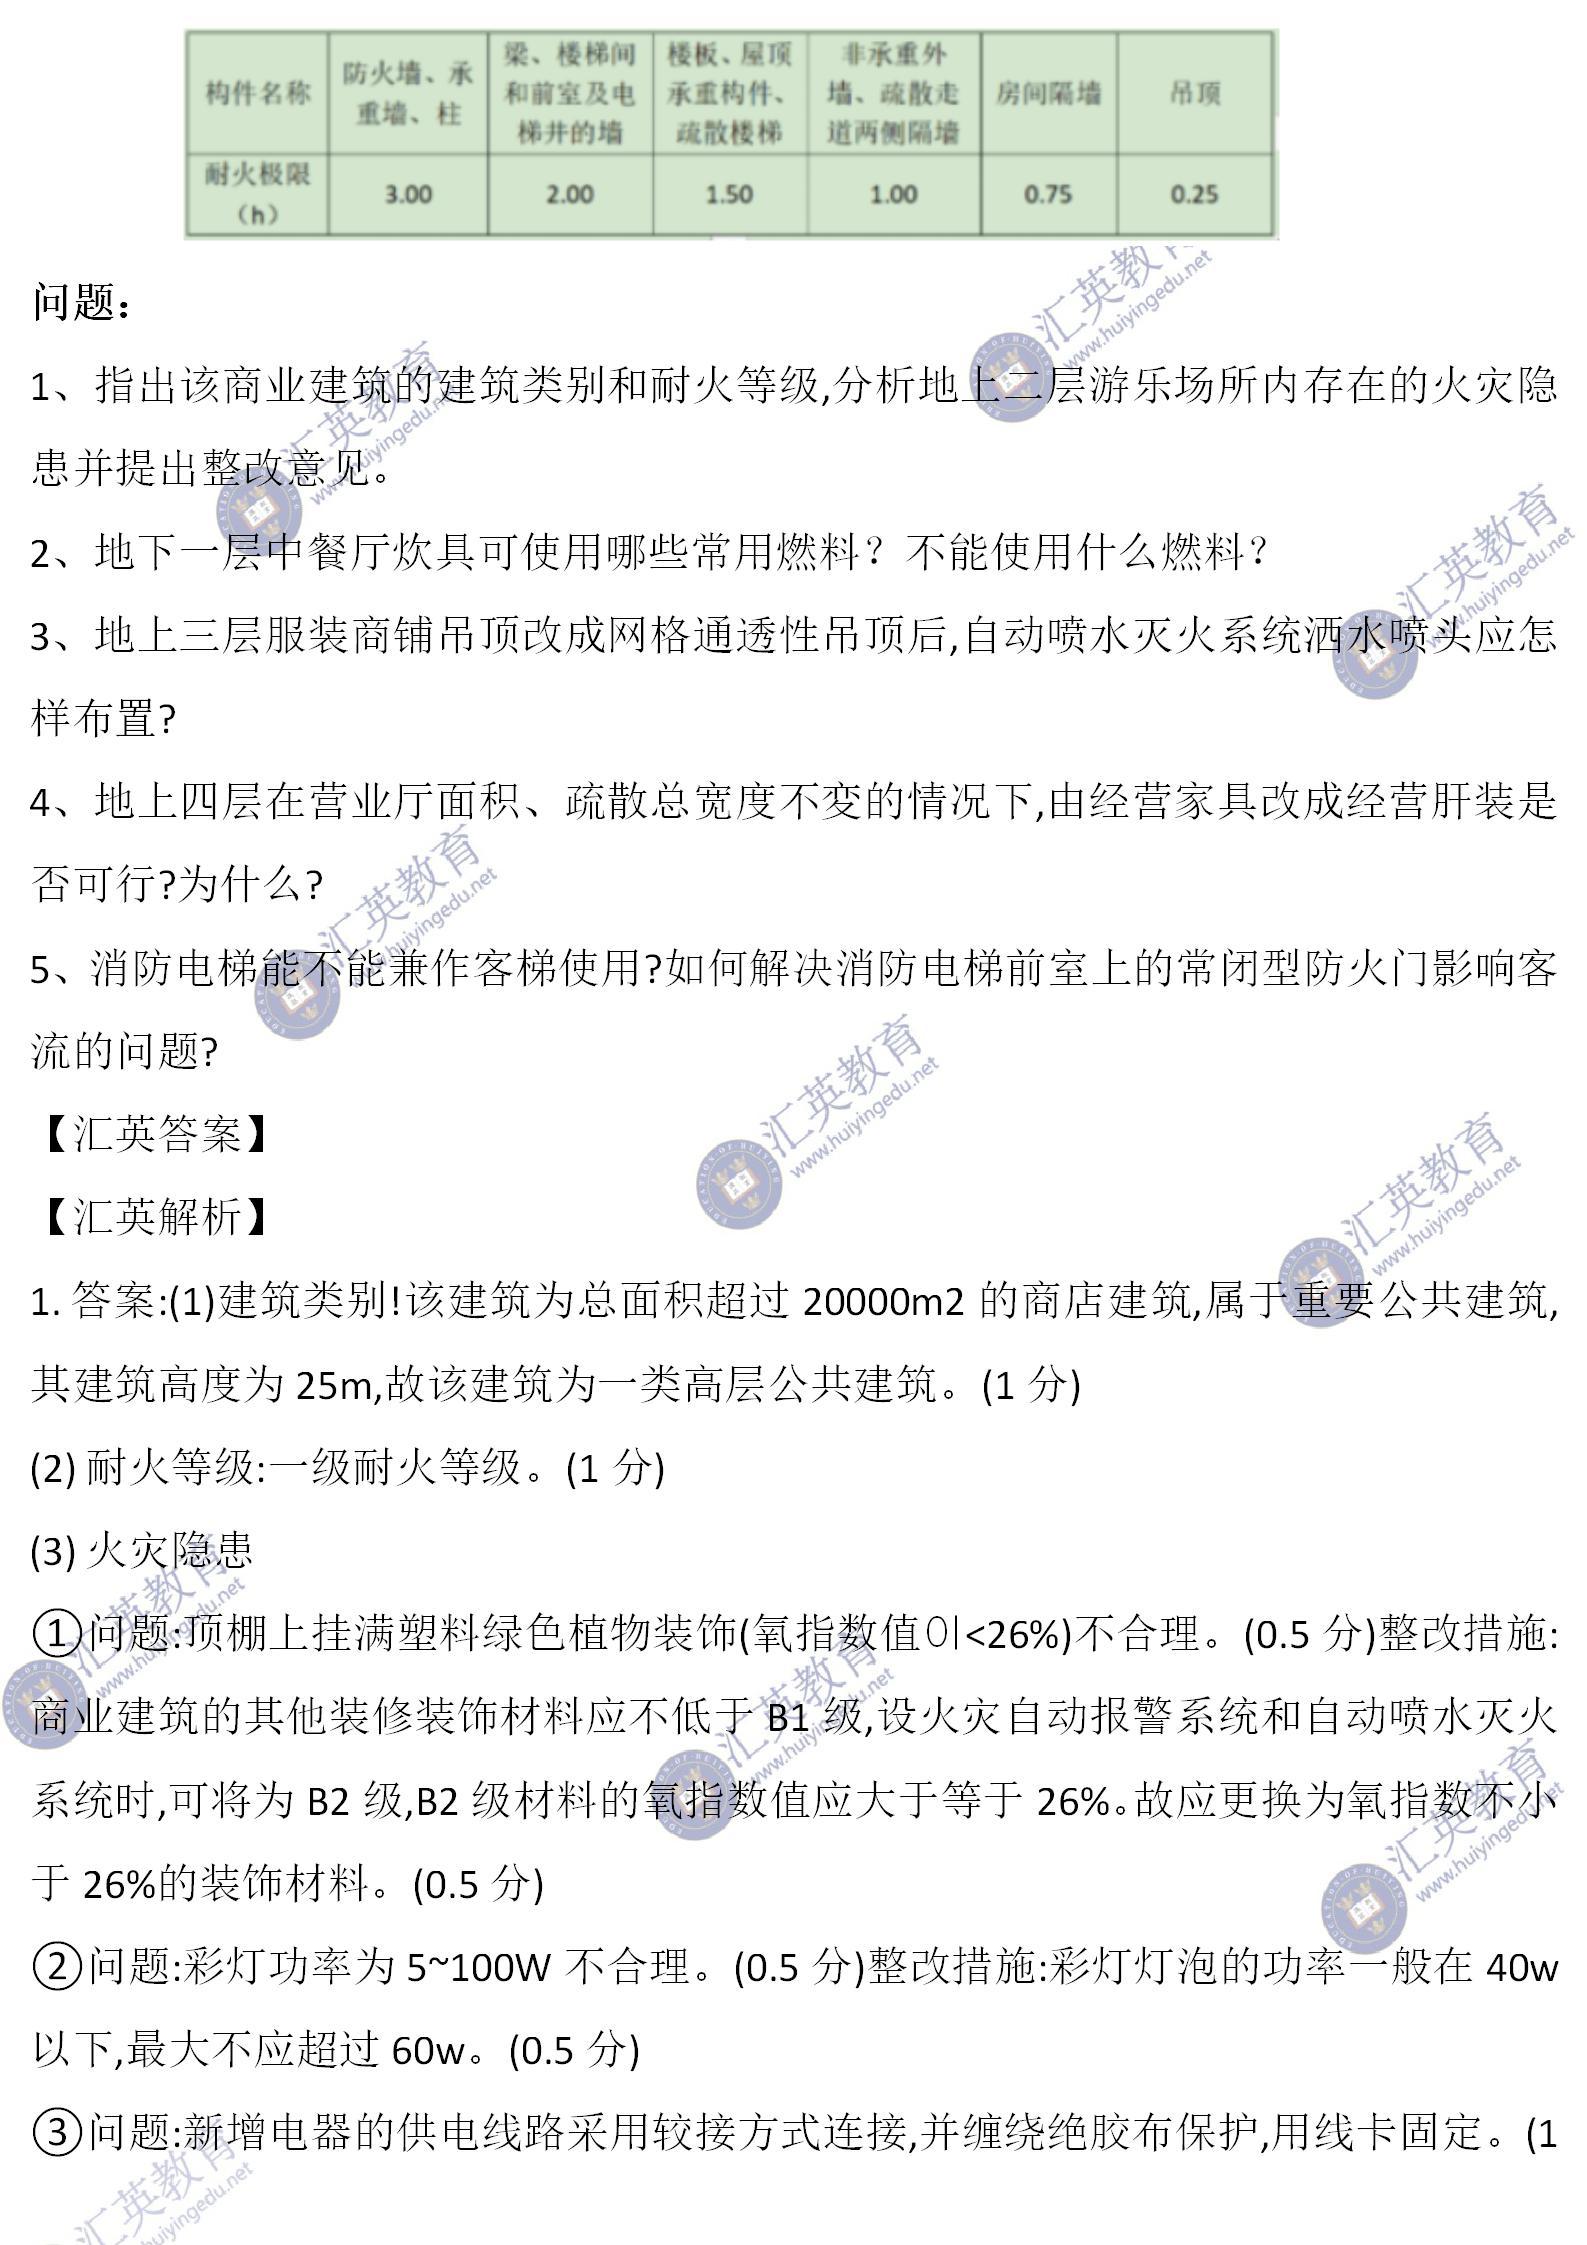 消防案例分析 (1)_02.jpg